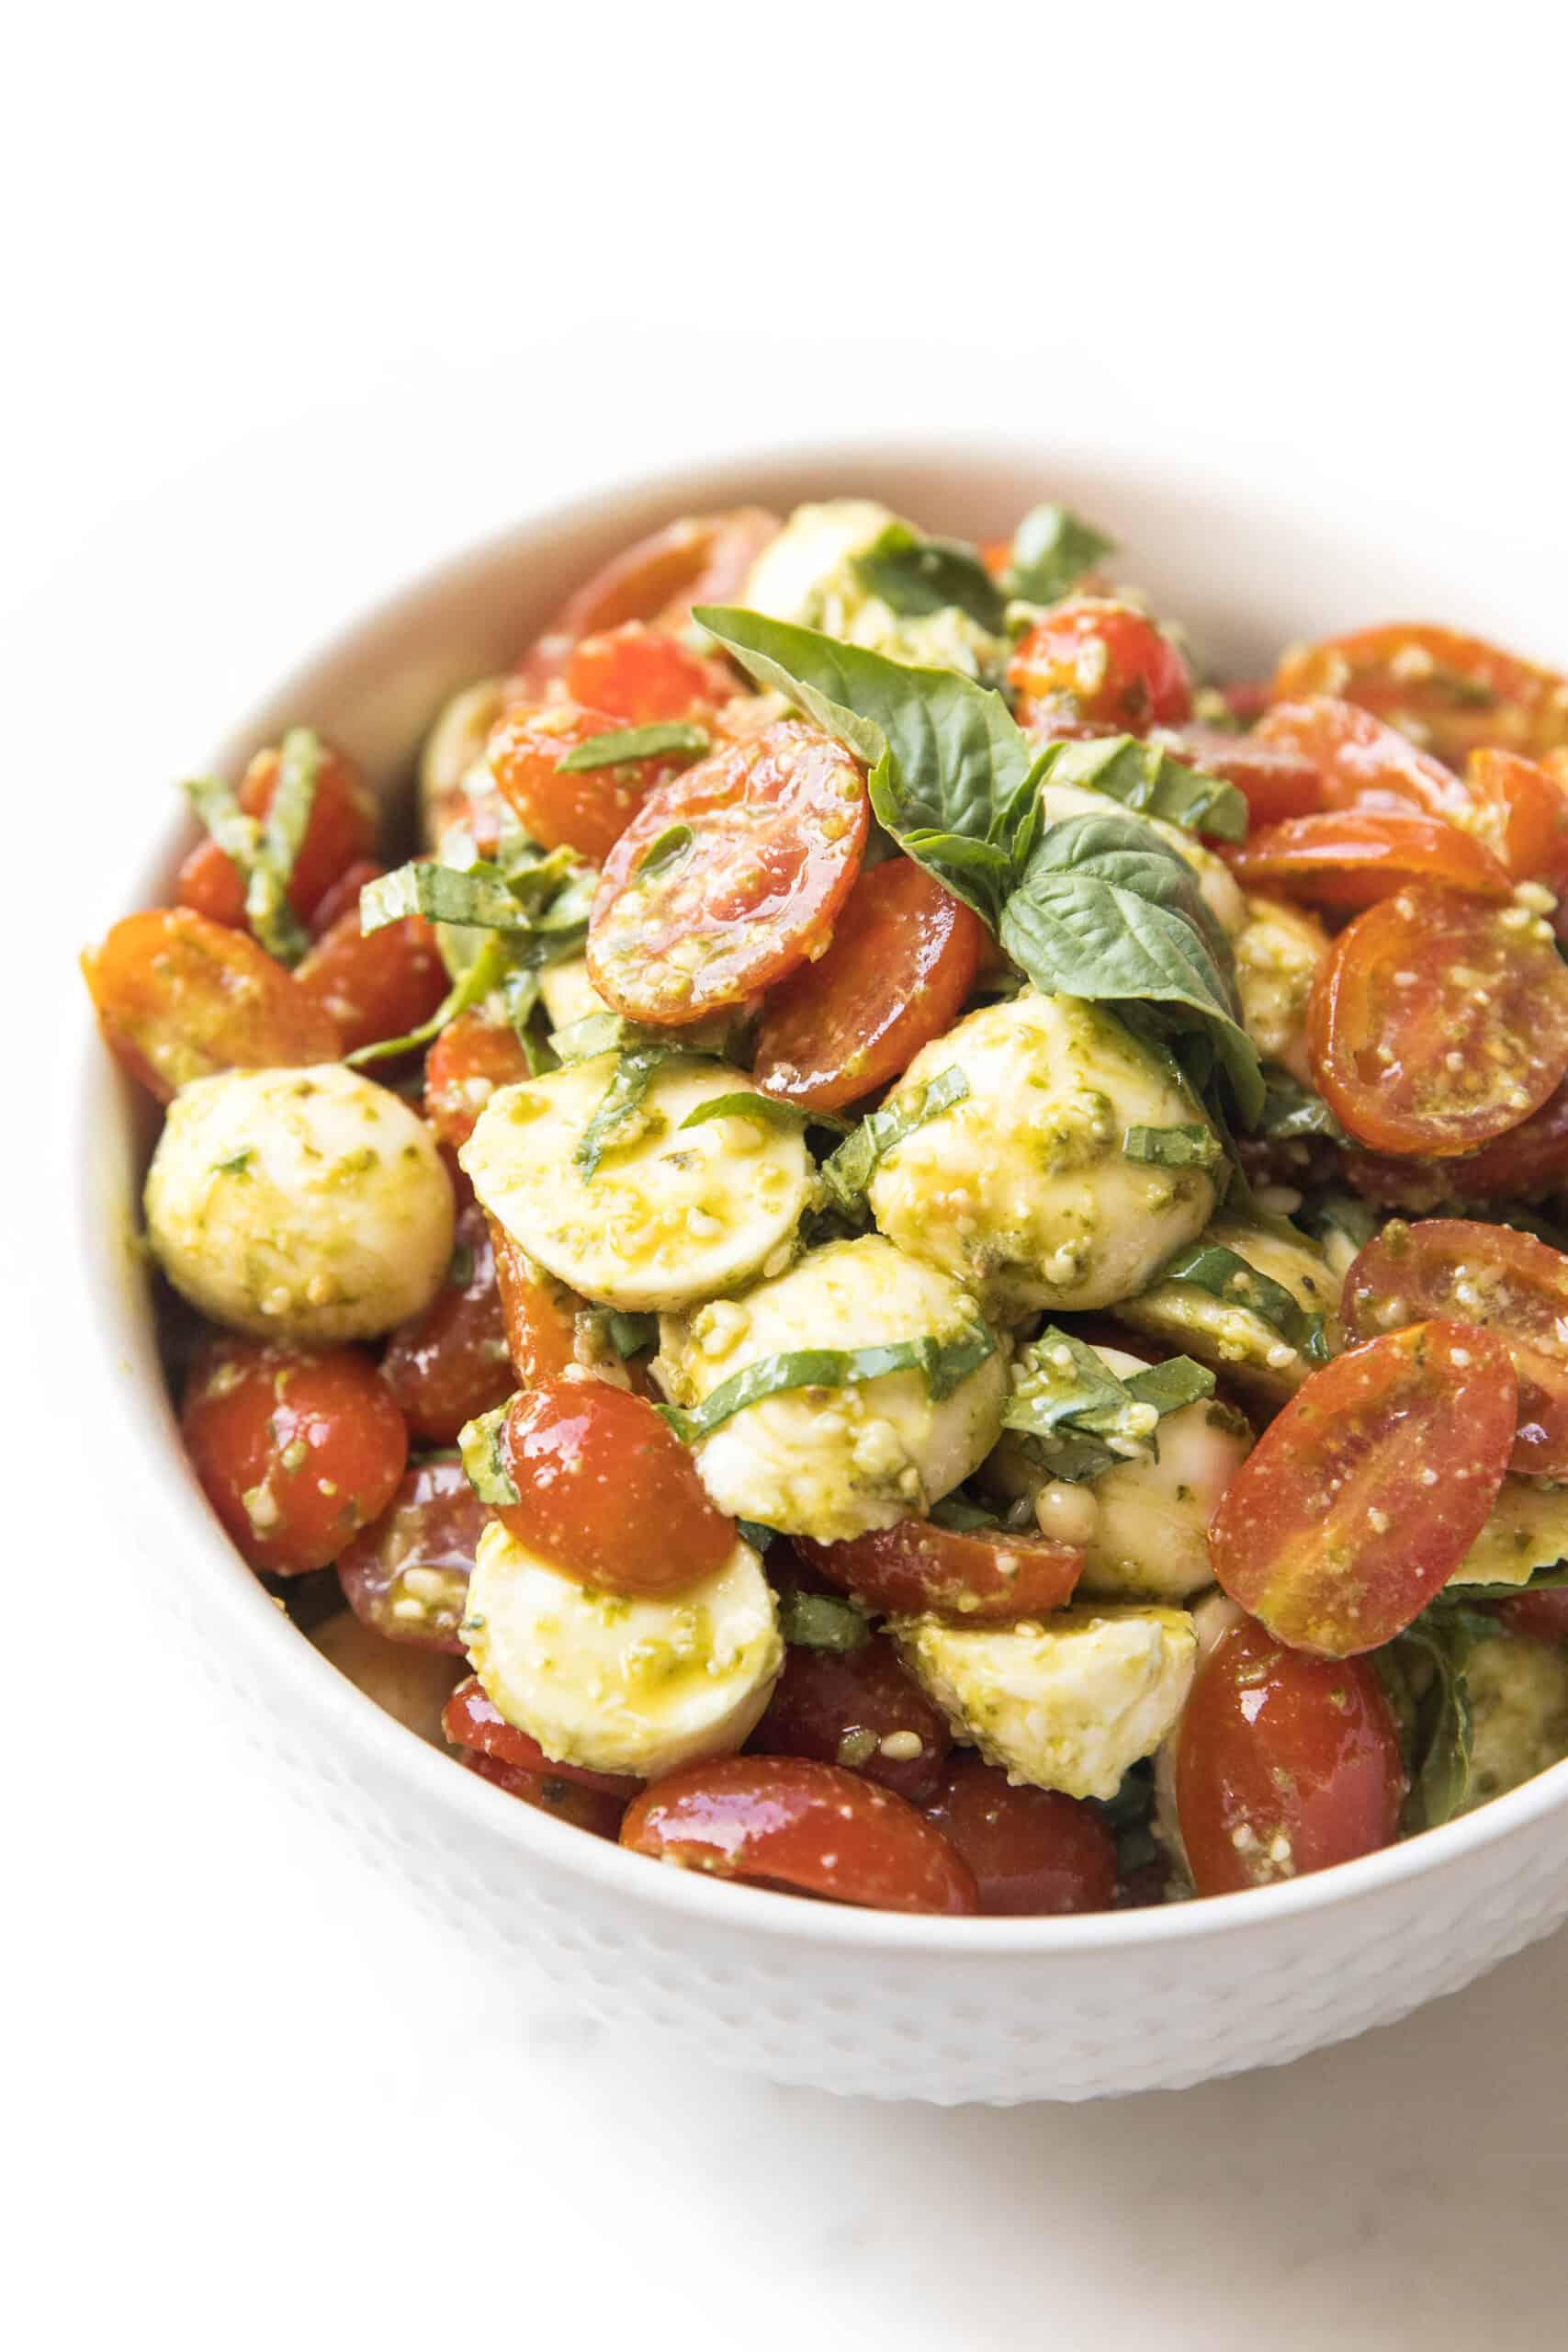 pesto caprese salad in a white bowl